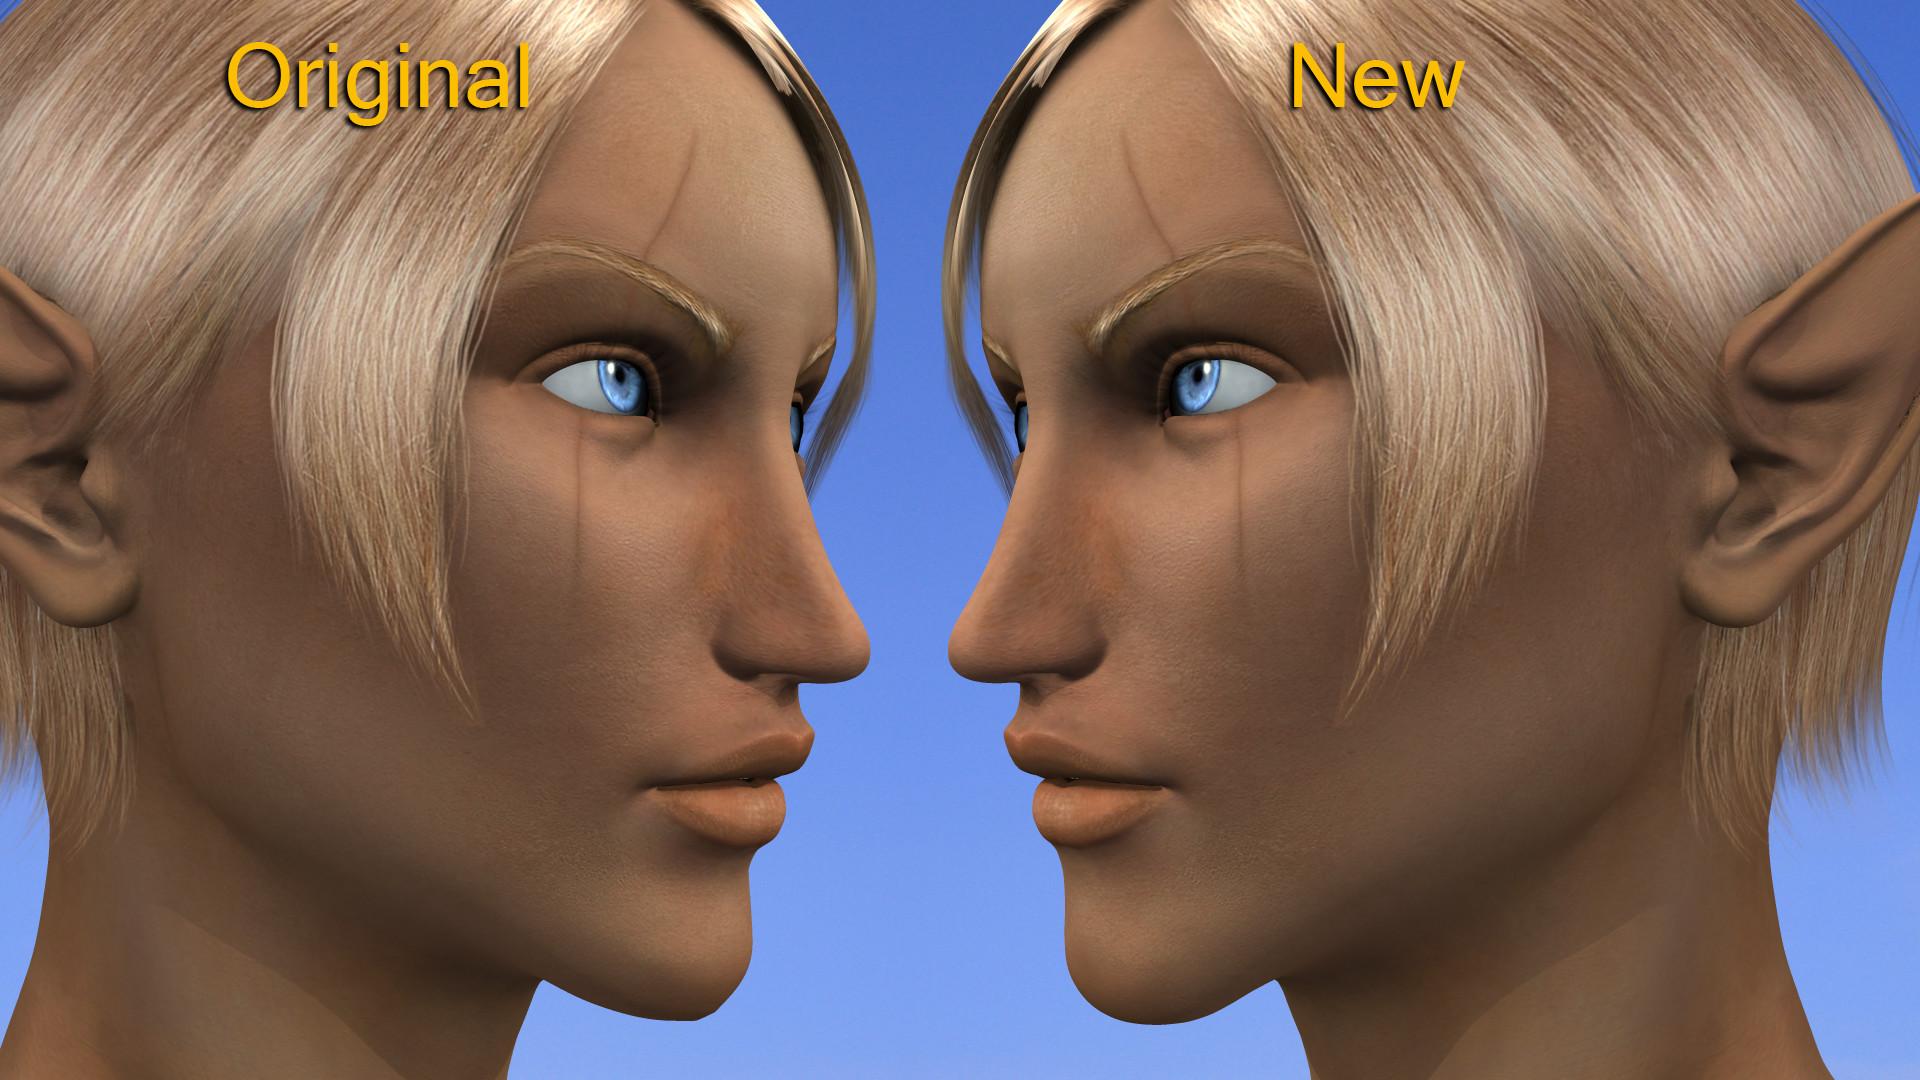 Modifiche al volto A lato